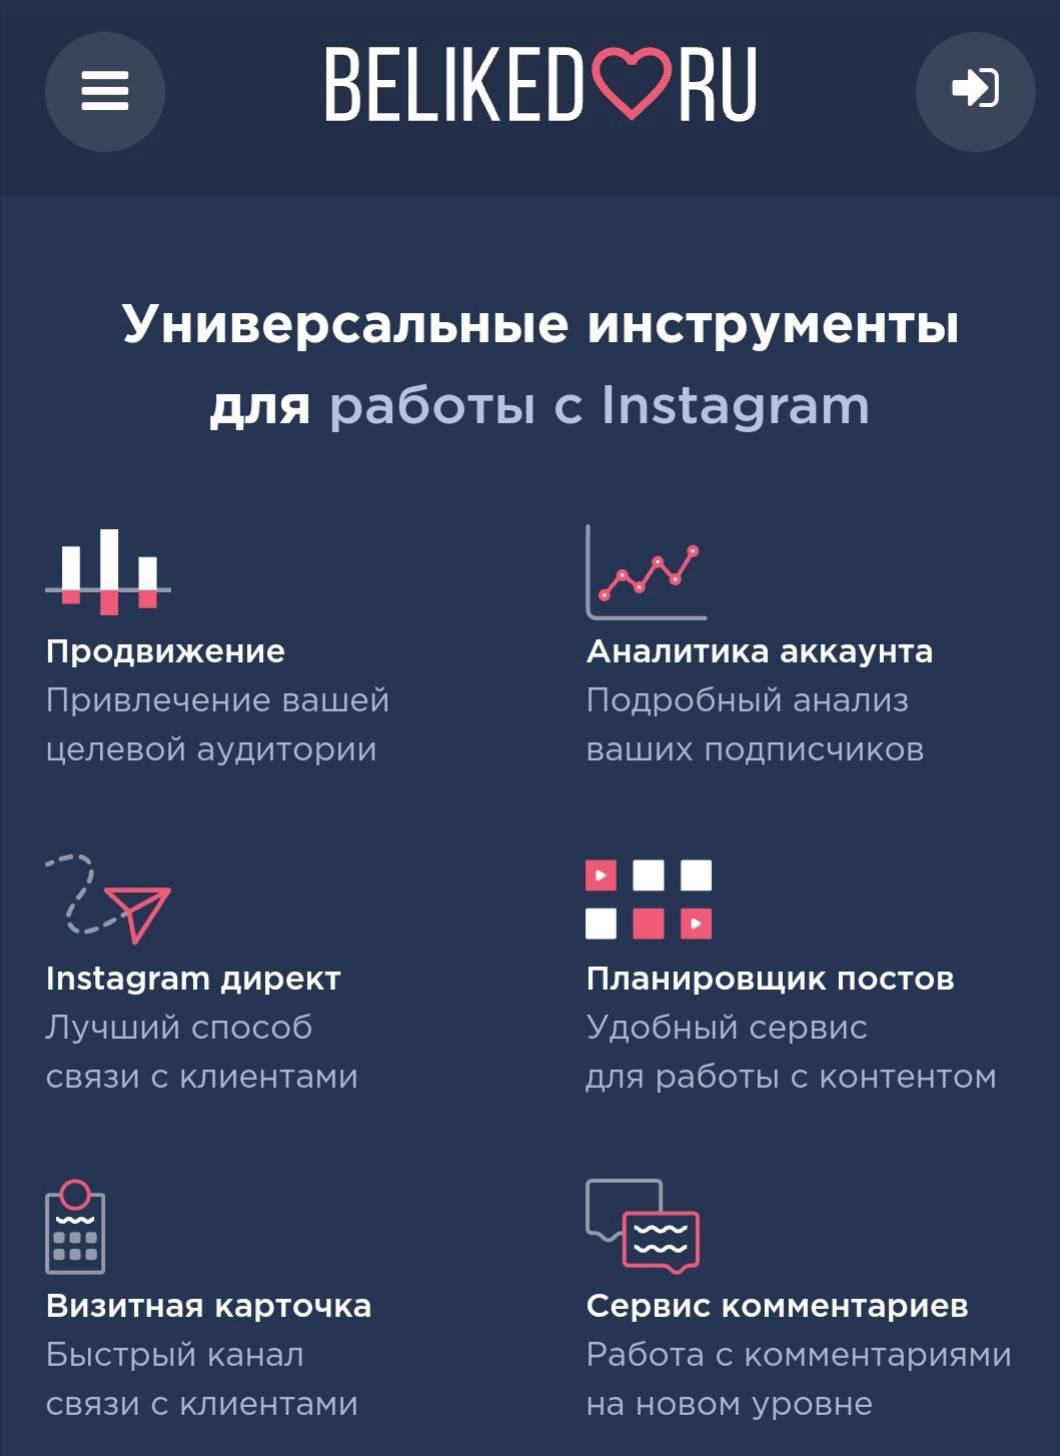 Бесплатные и платные методы раскрутки инстаграм аккаунта: прокачка профиля